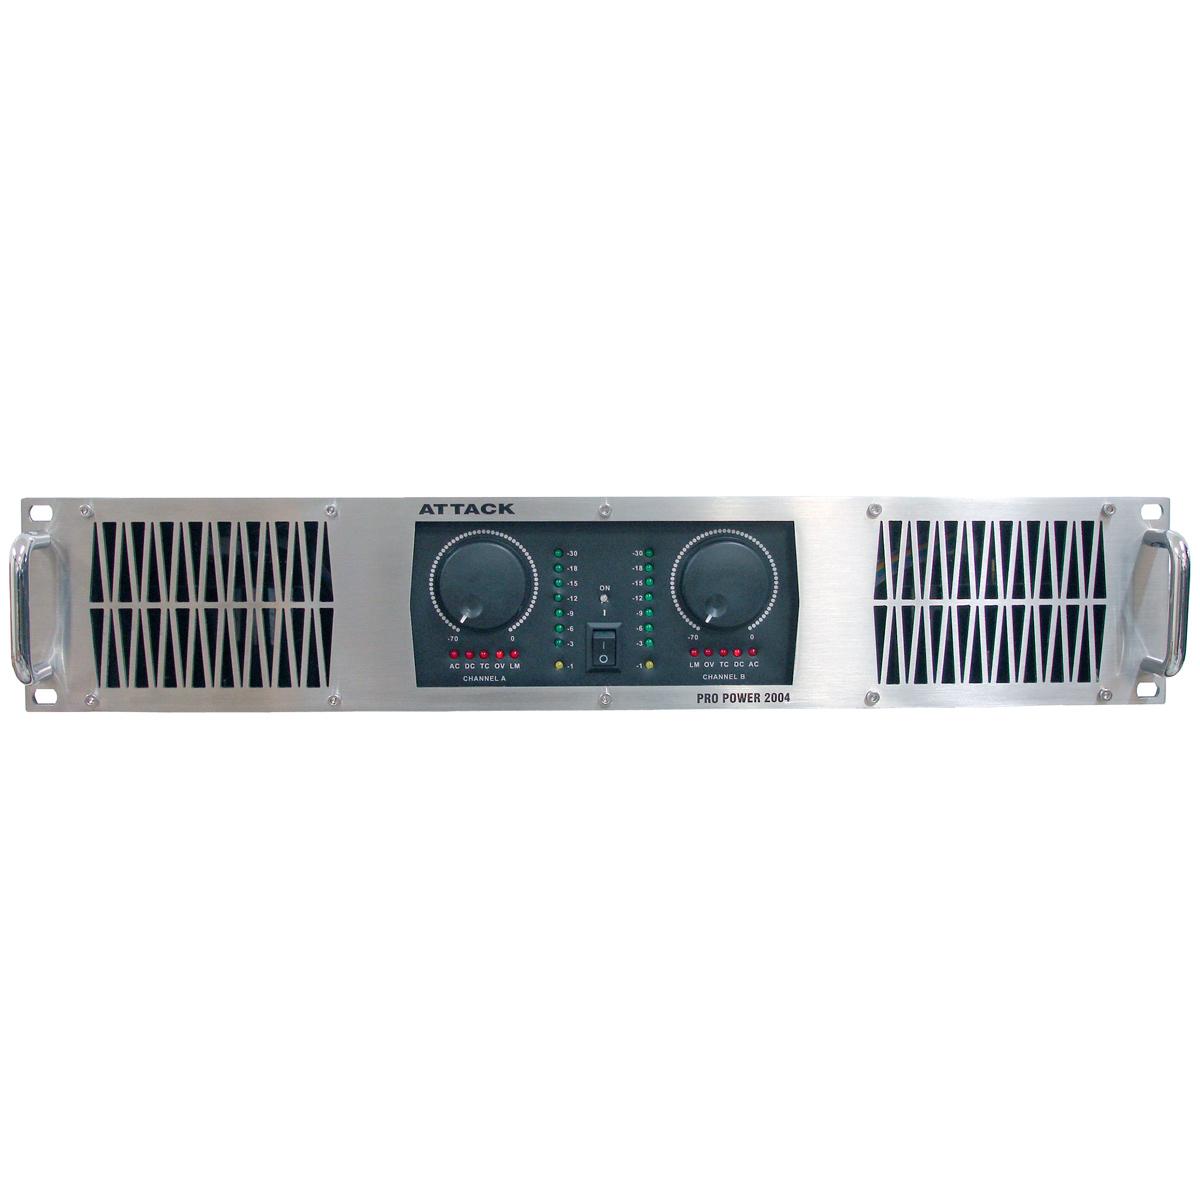 PP2004 - Amplificador Est�reo 2 Canais 2000W PP 2004 - Attack